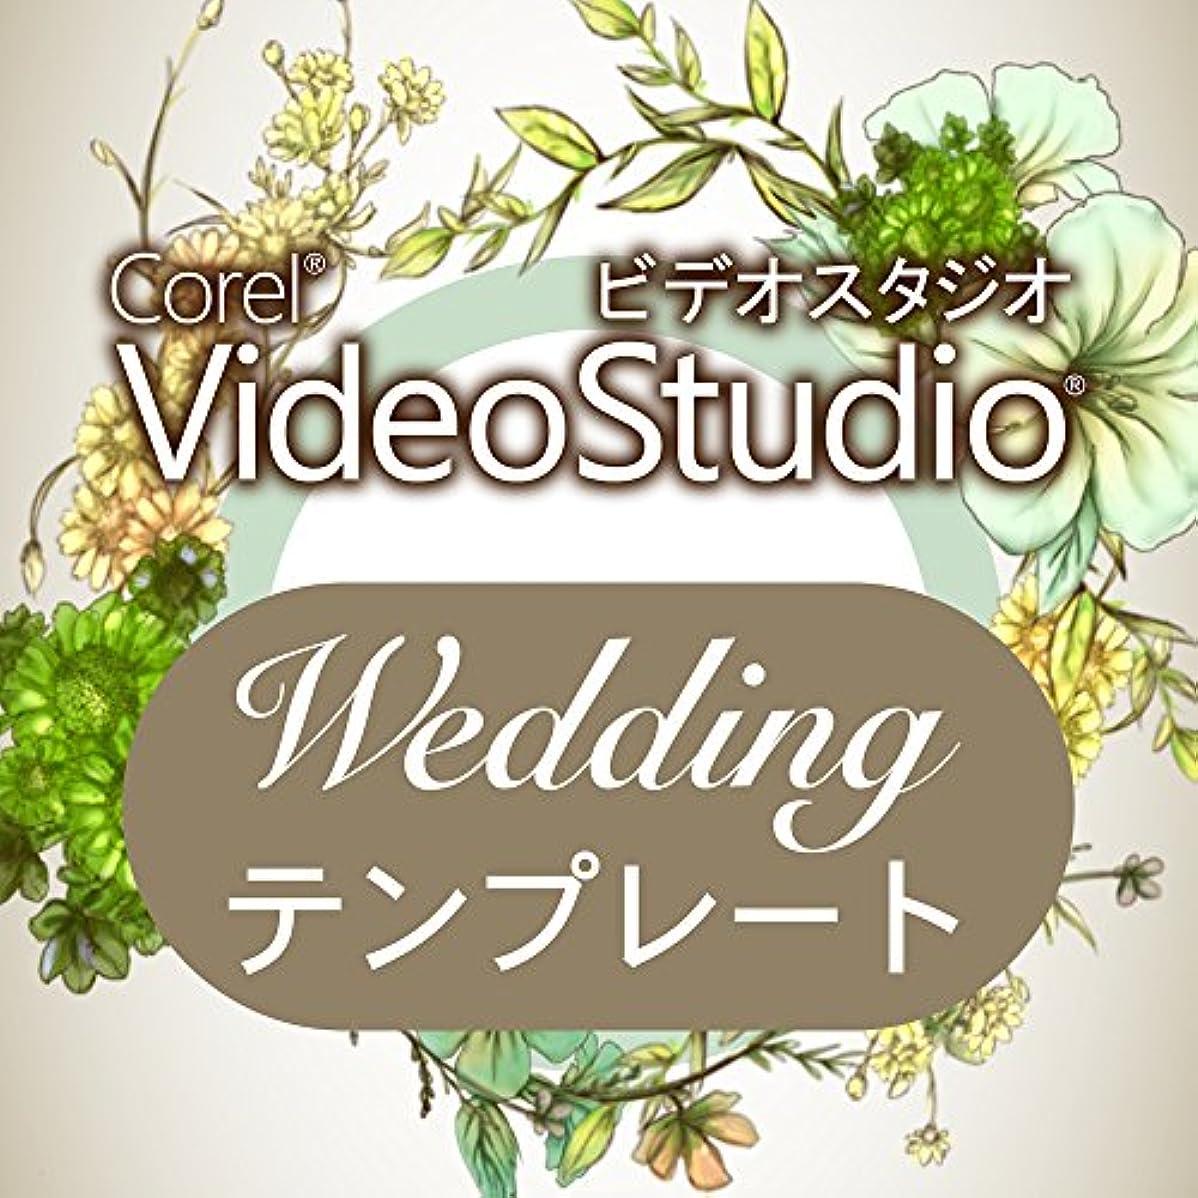 とティームドーム聴覚Corel VideoStudio Wedding テンプレート|ダウンロード版